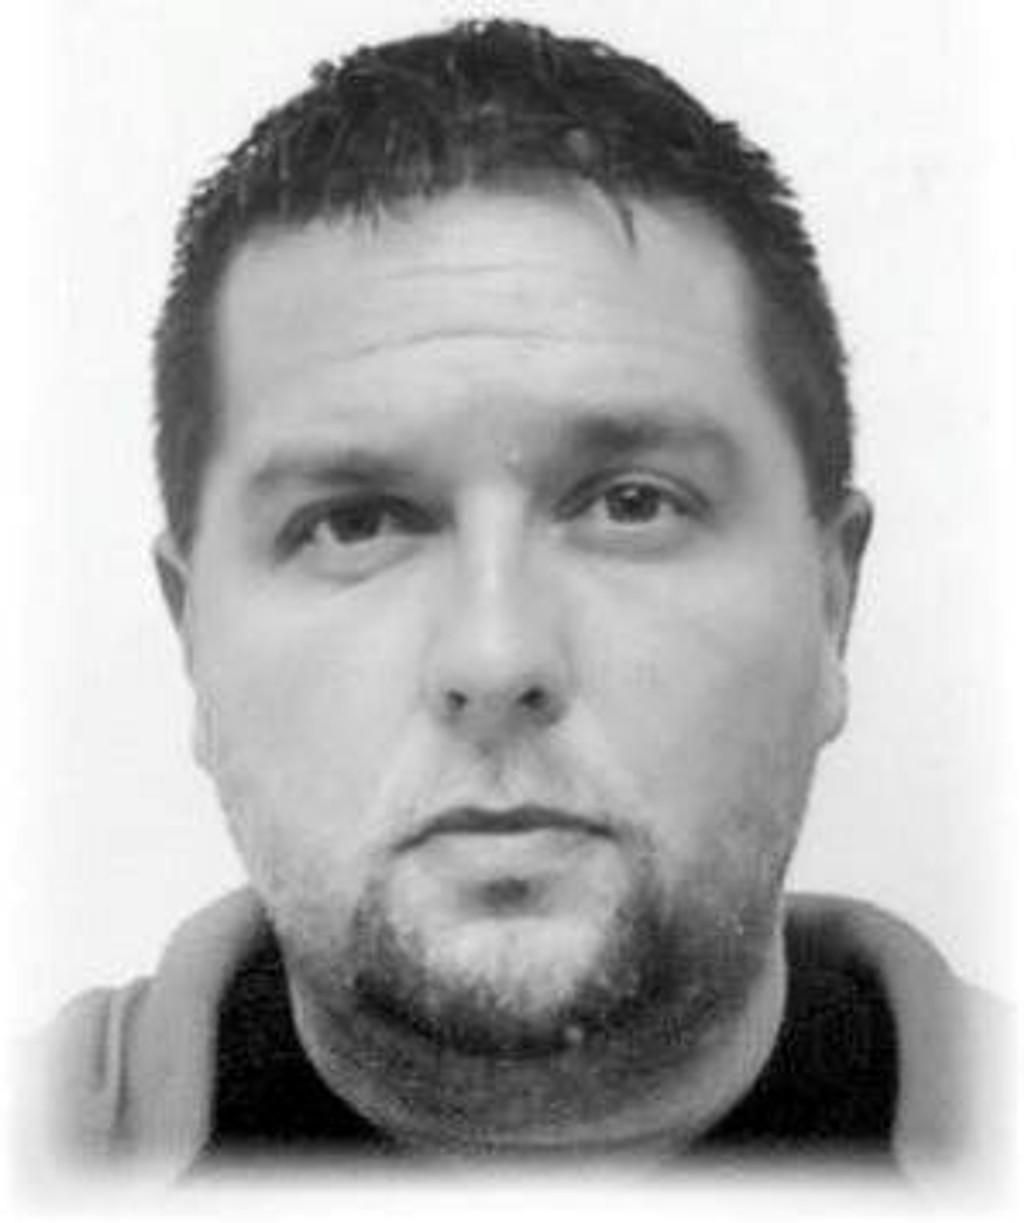 Jarle Ramberg er savnet. Familien ber alle som har informasjon tipse politiet.